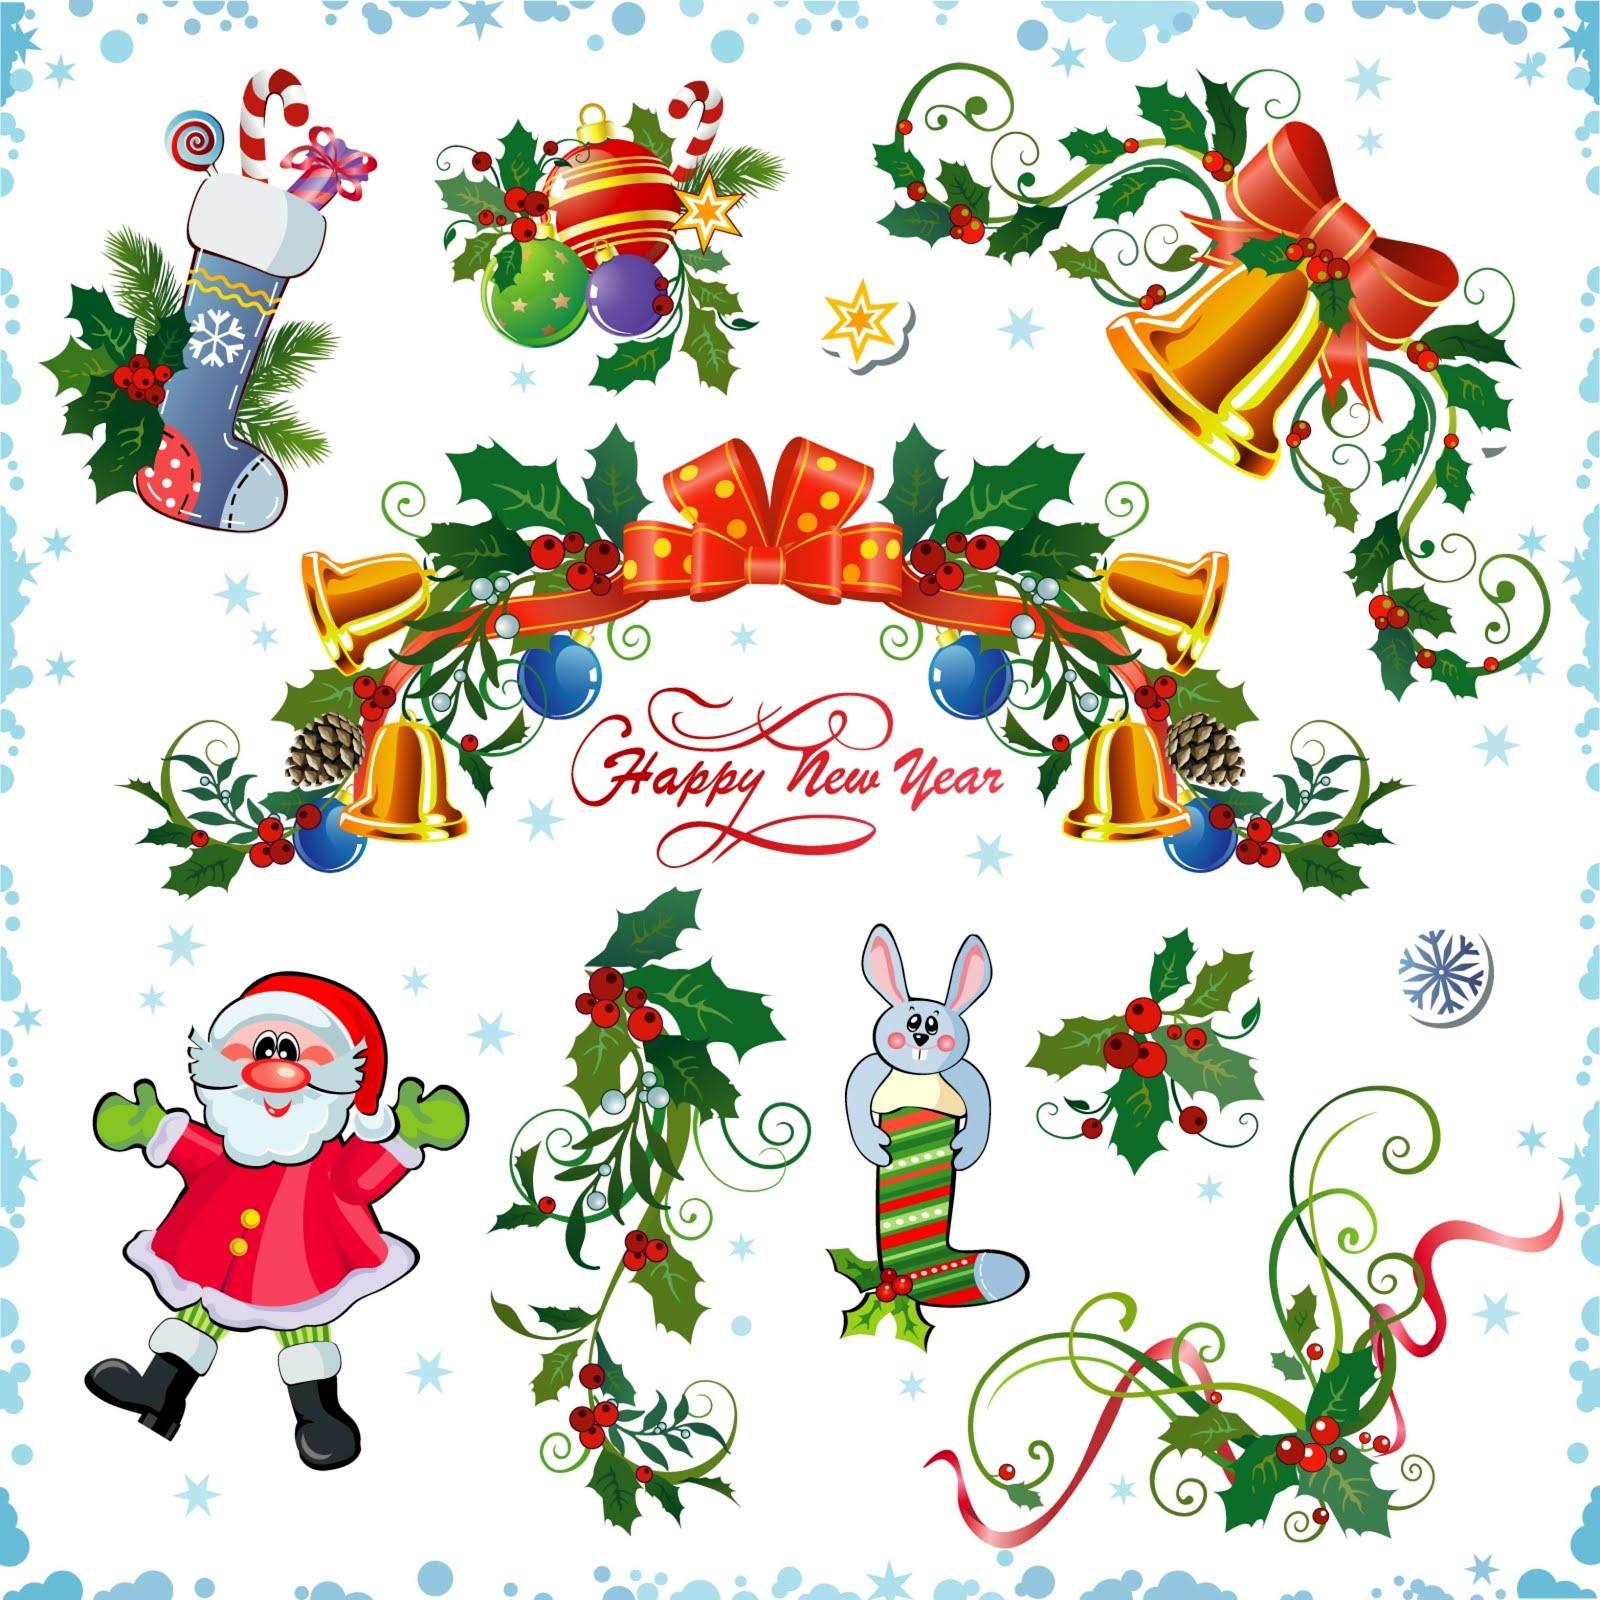 adornos navideos con fondo blanco para decorar su blog o pagina web en esta navidad